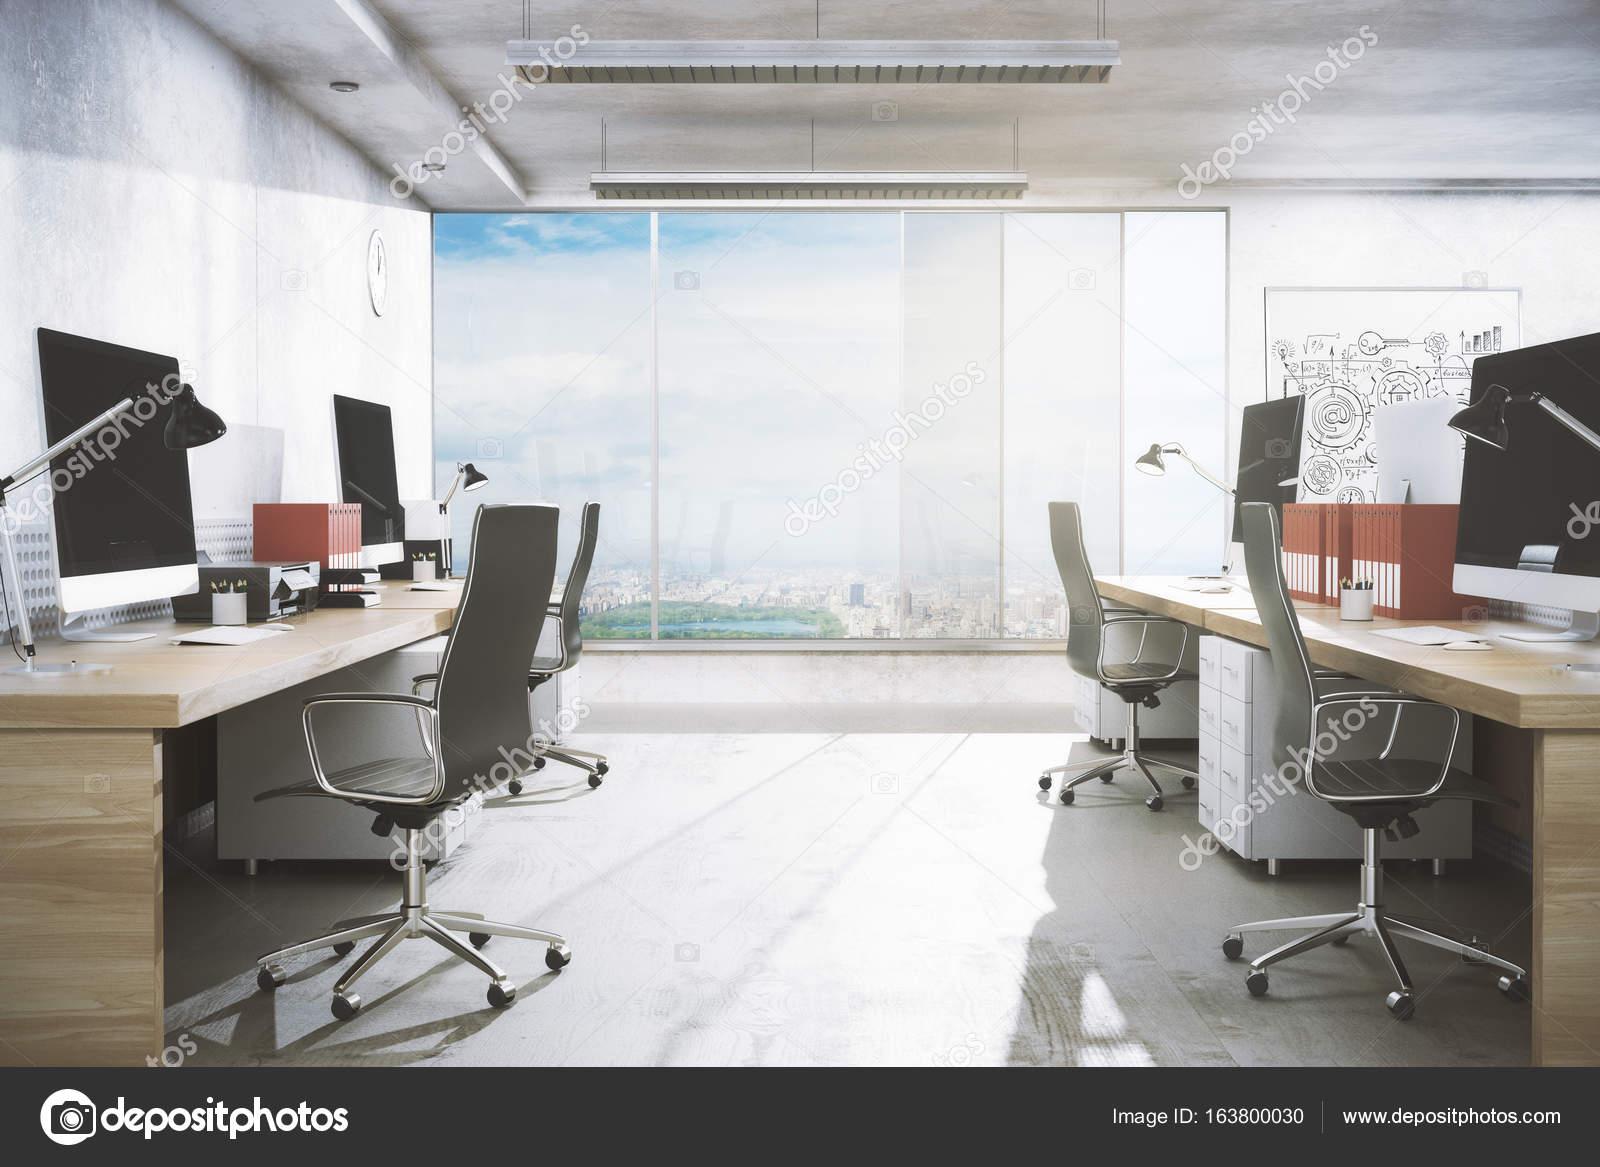 moderne Büro-Interieur — Stockfoto © peshkov #163800030